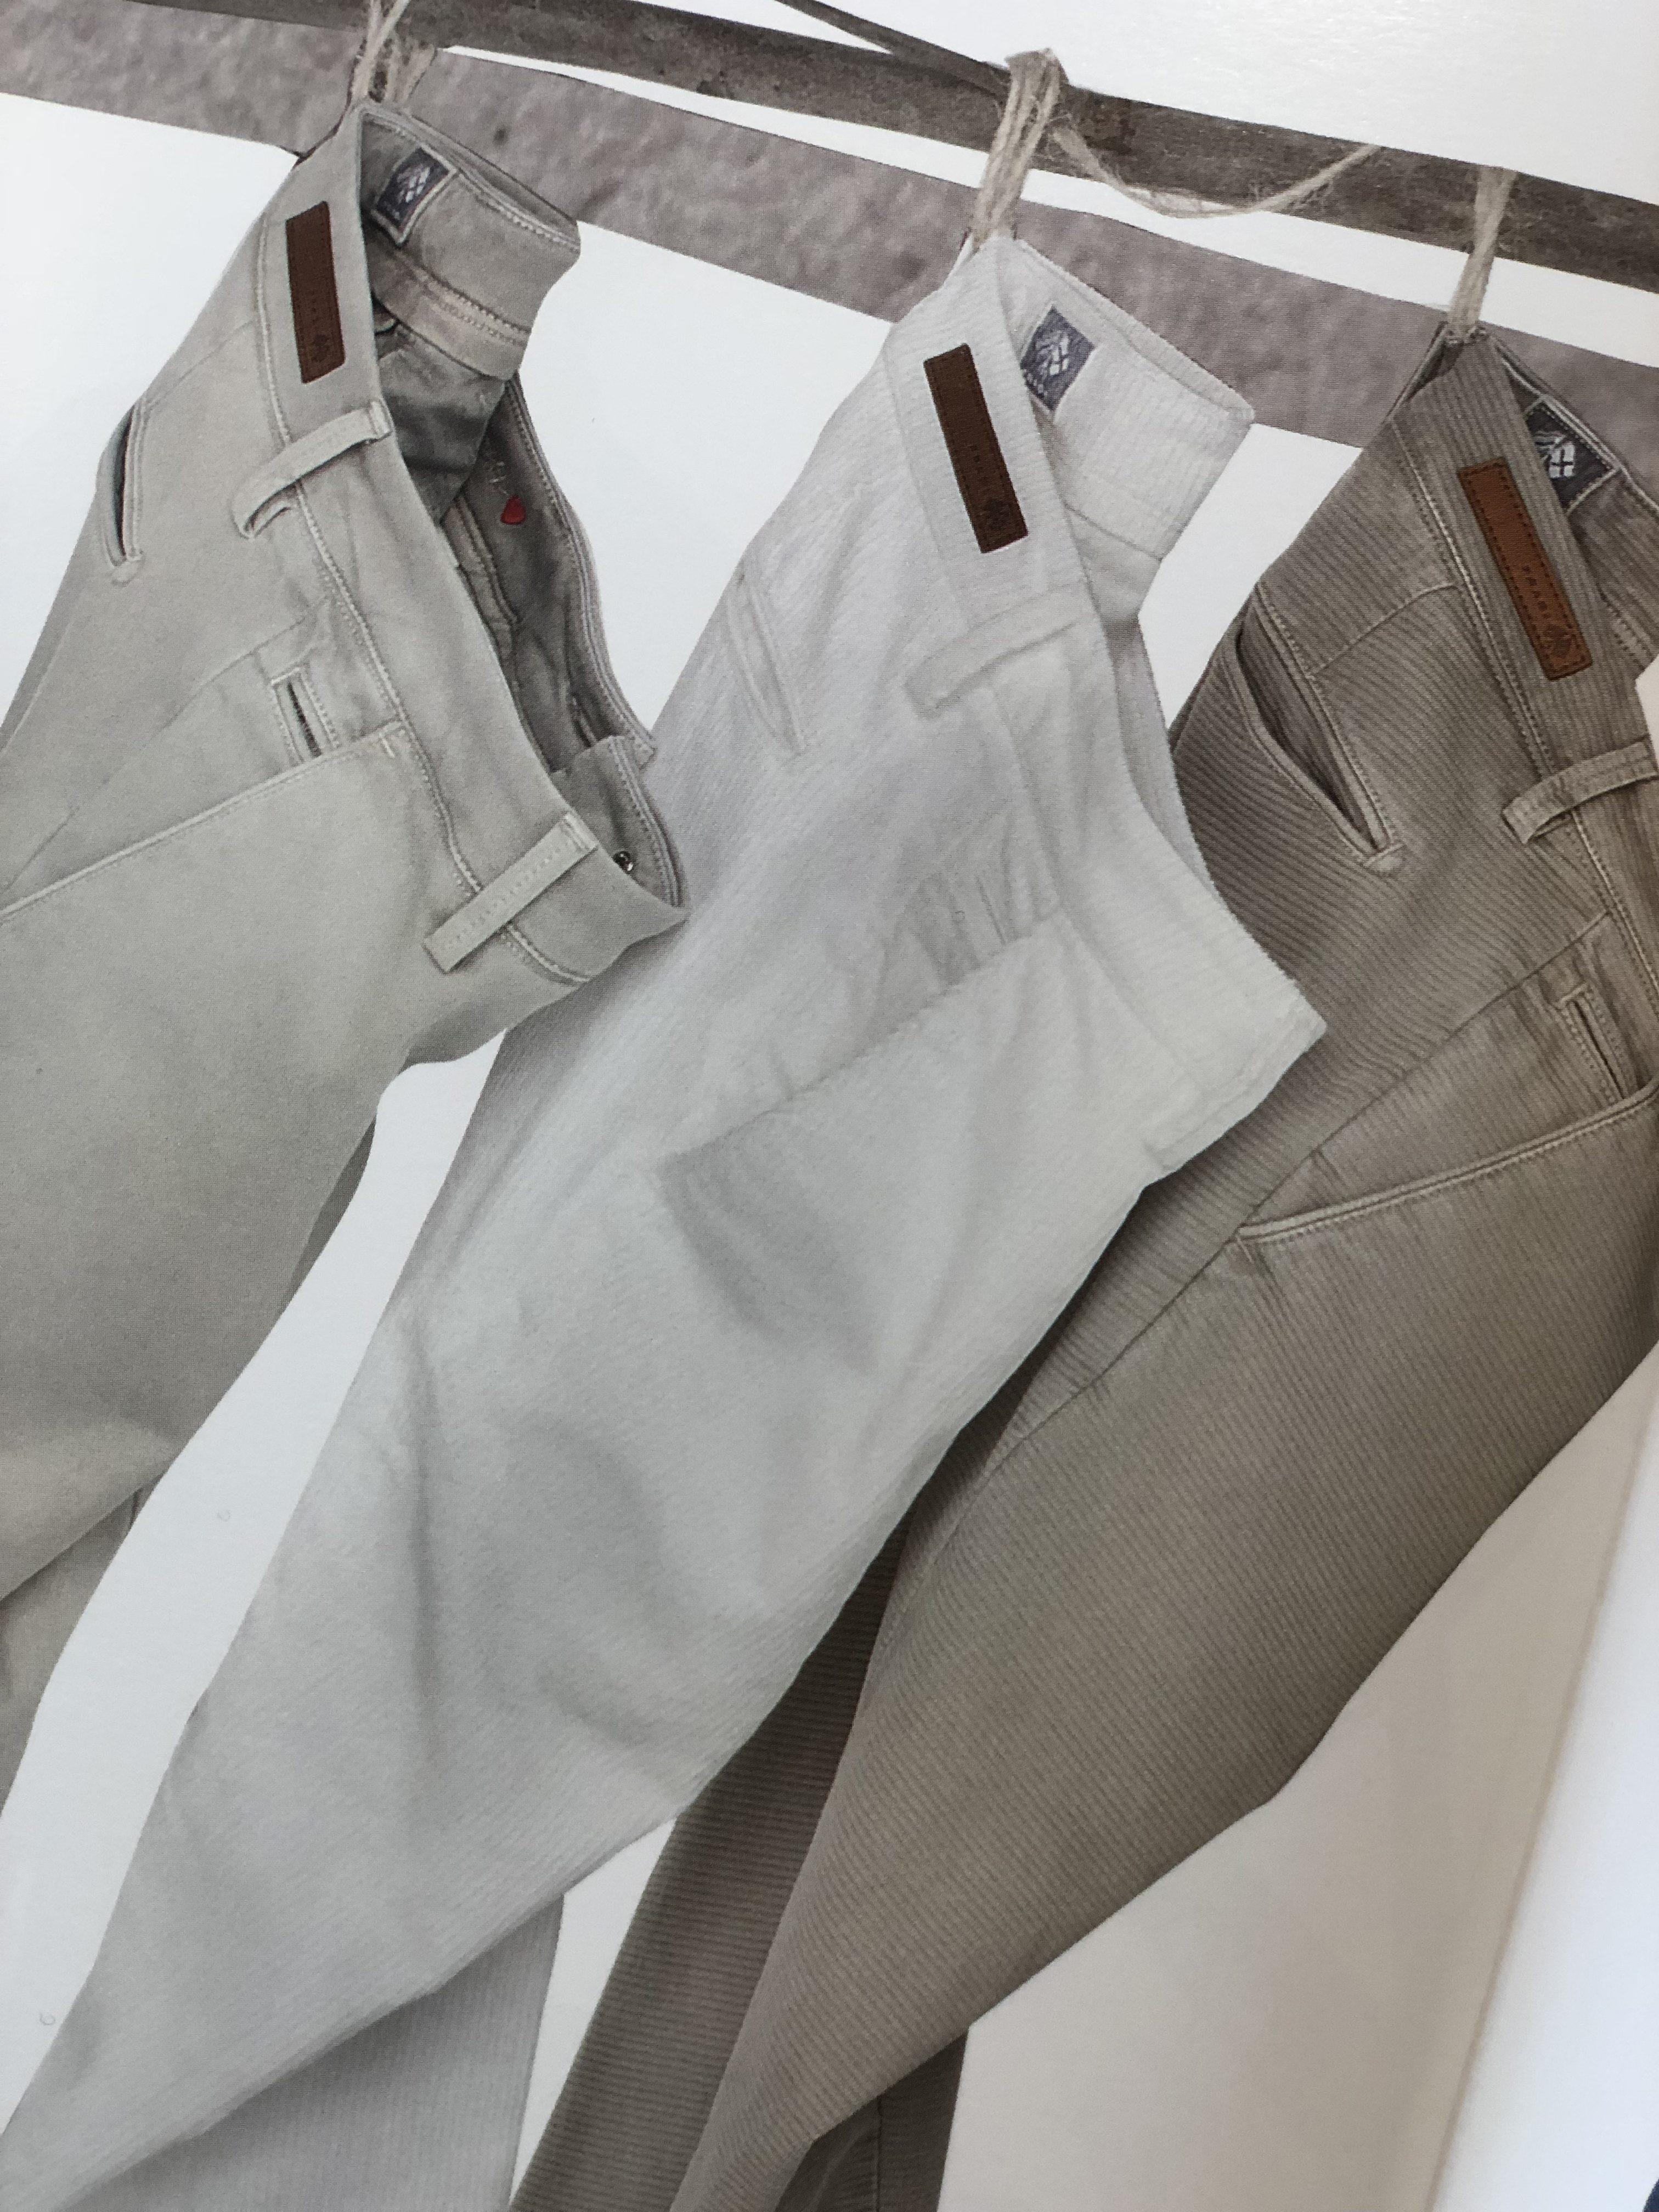 Trio pantalon gris - Christian Ambrosio